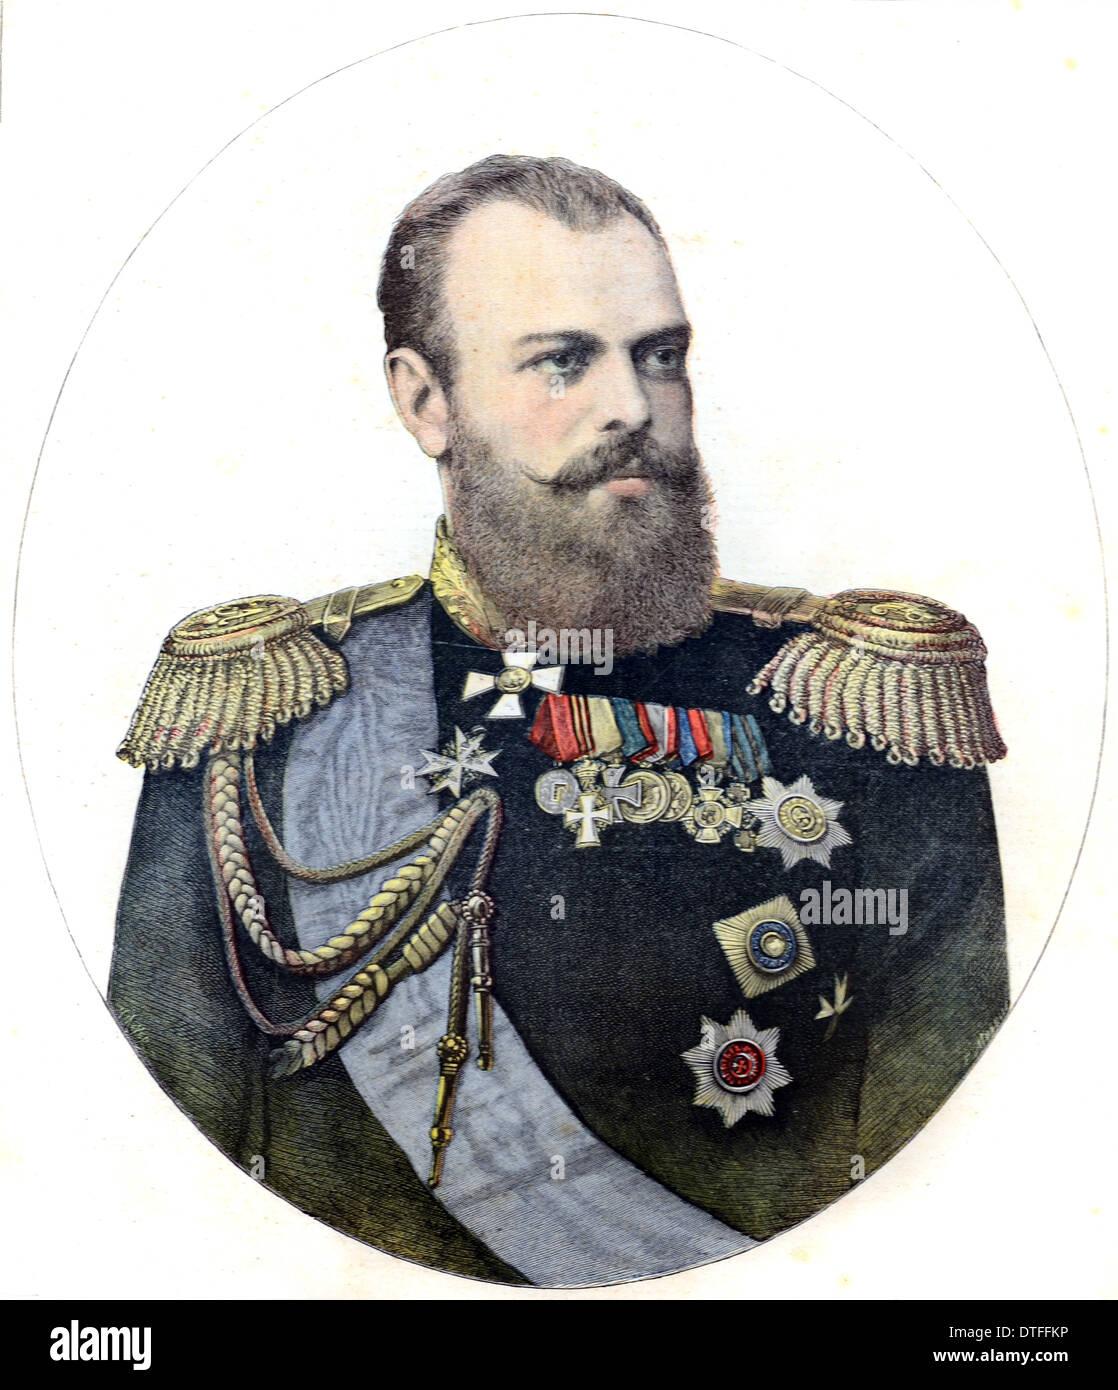 Барельеф царя александра ii